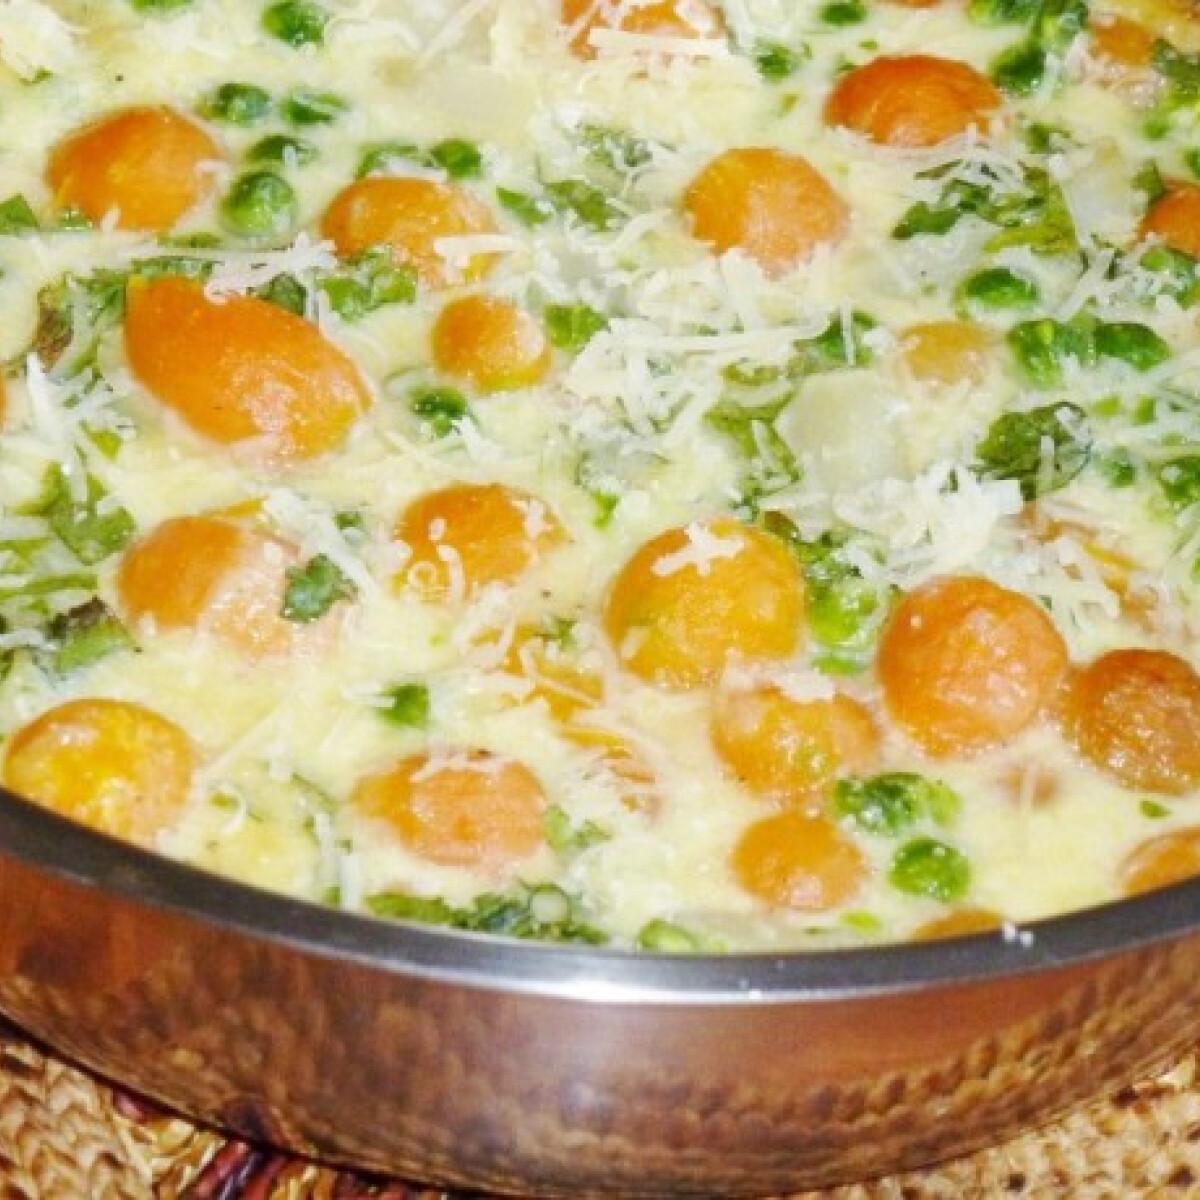 Tejszínes-sajtos zöldségomlett csőben sütve